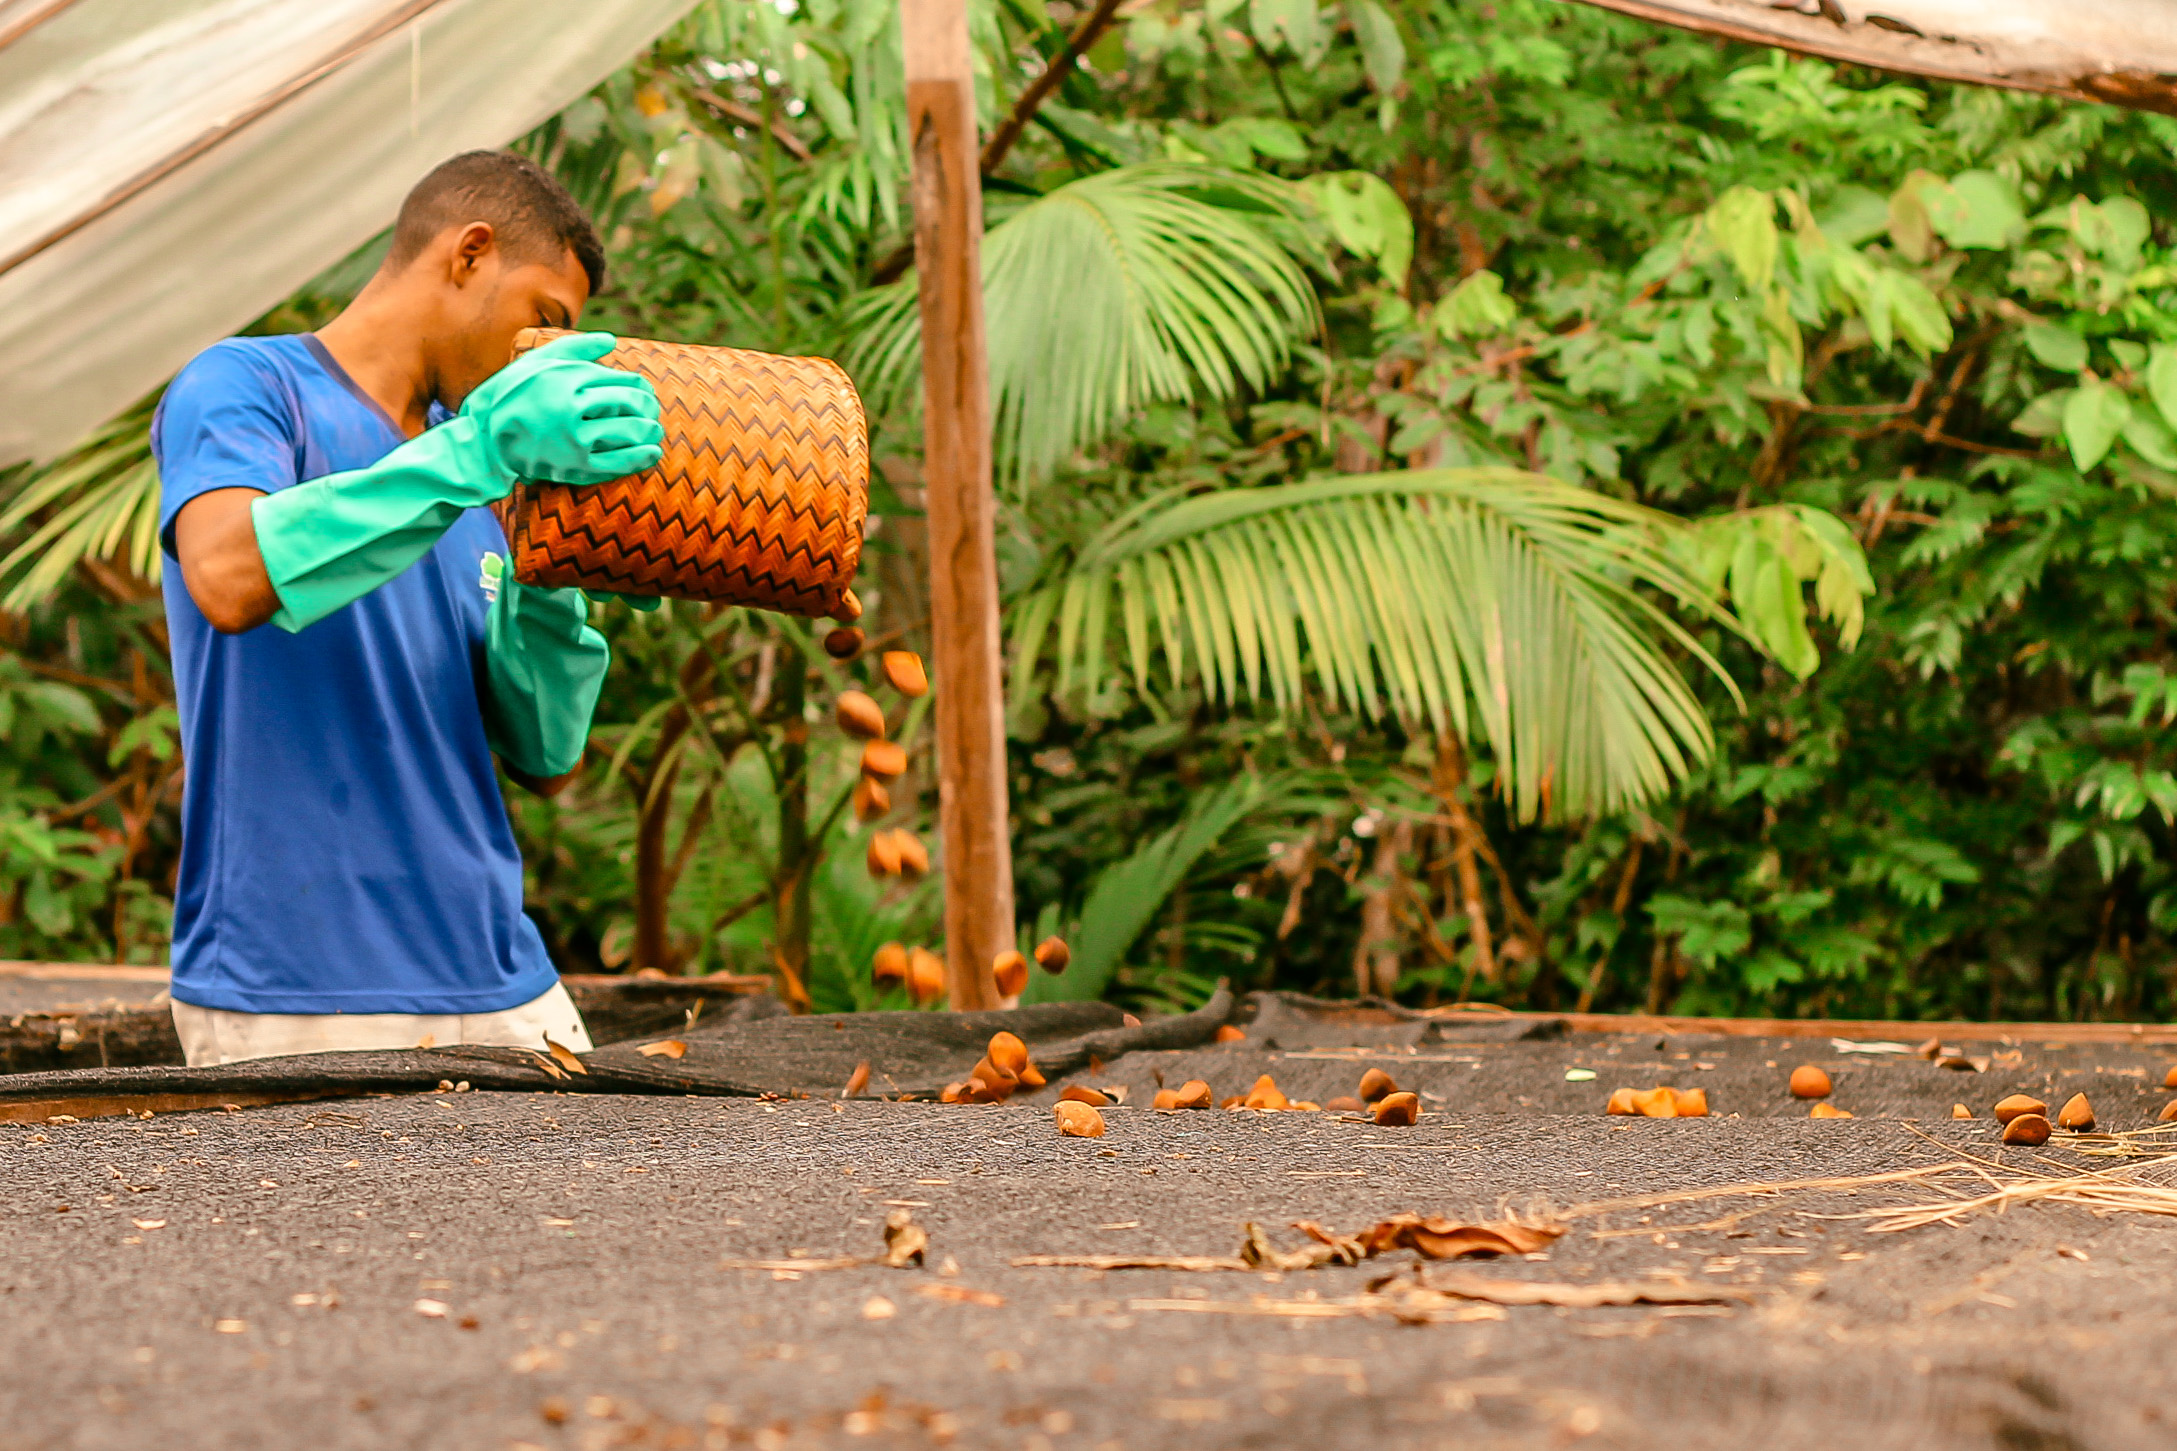 Prêmio reconhece iniciativas de bioeconomia na Amazônia com até R$30 mil